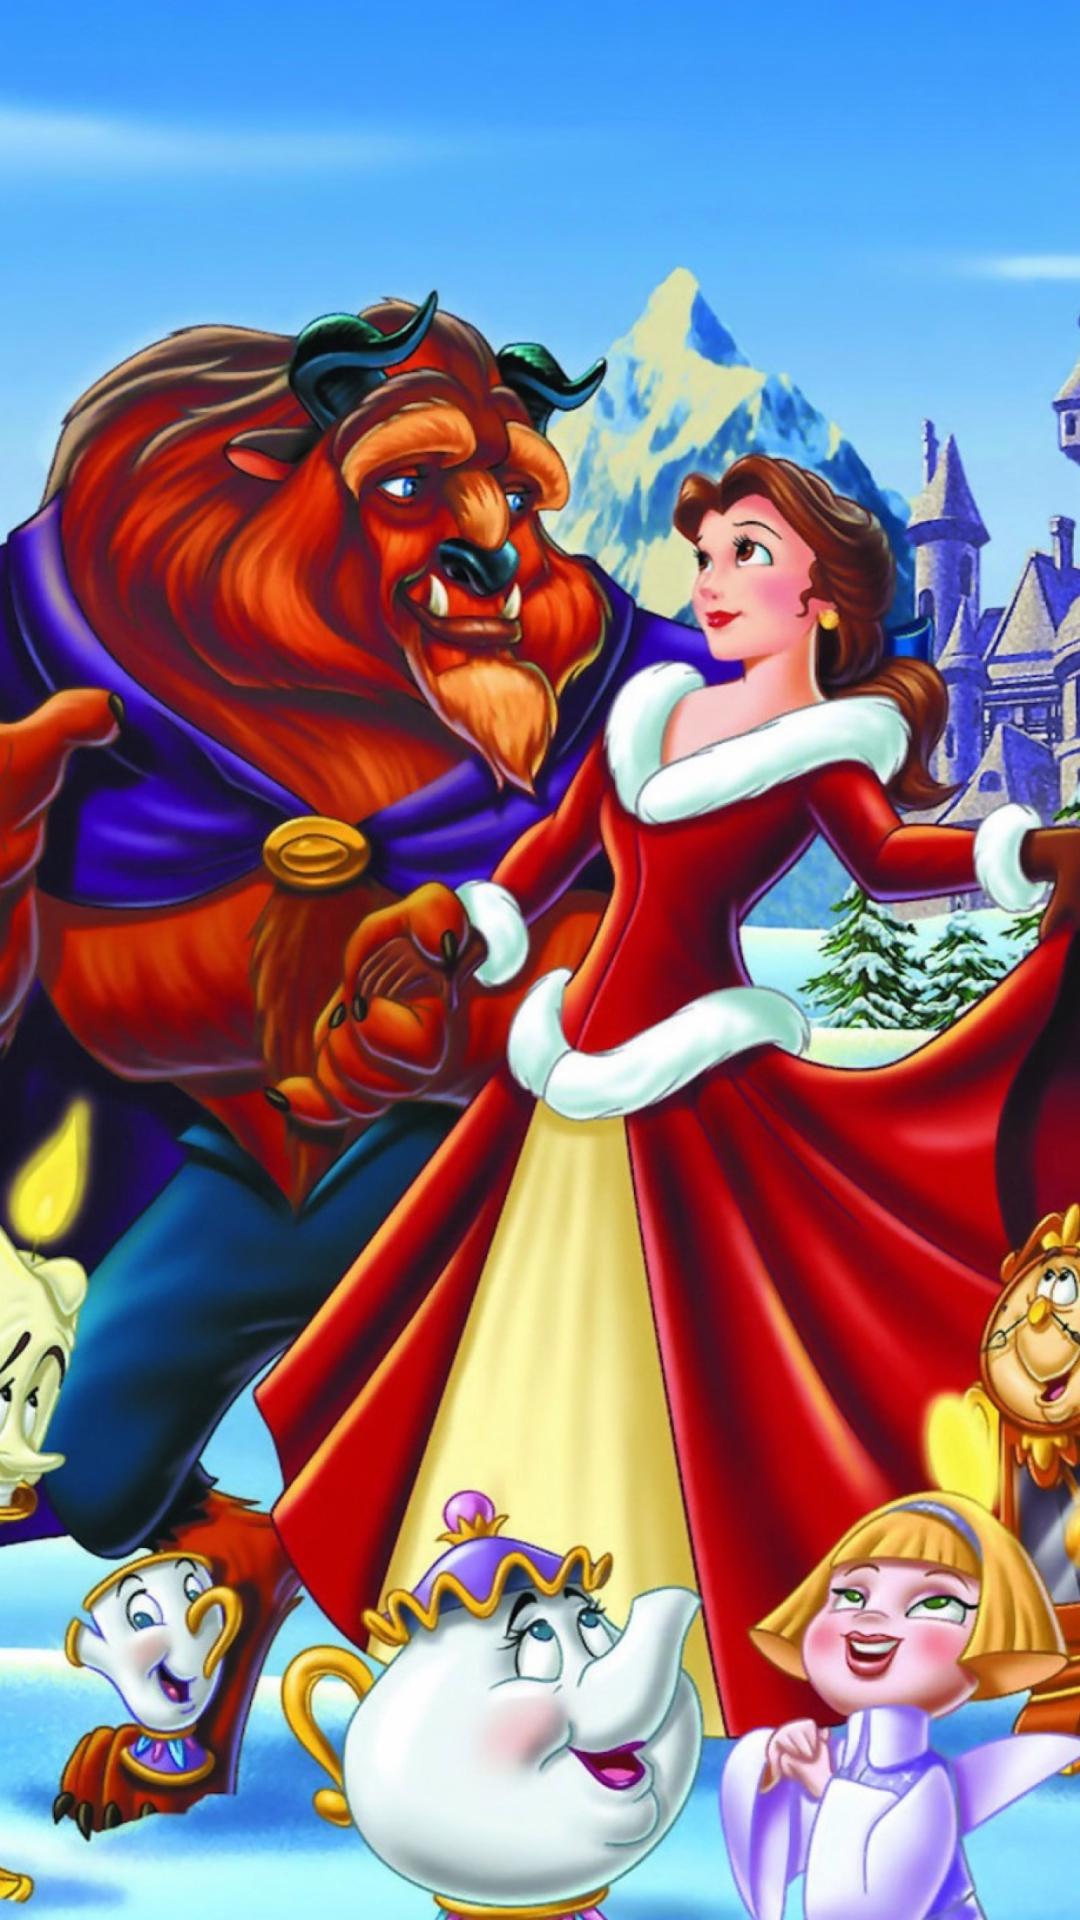 Disney Cartoon Characters Wallpapers In 3d Disney Iphone Images Free Download Pixelstalk Net